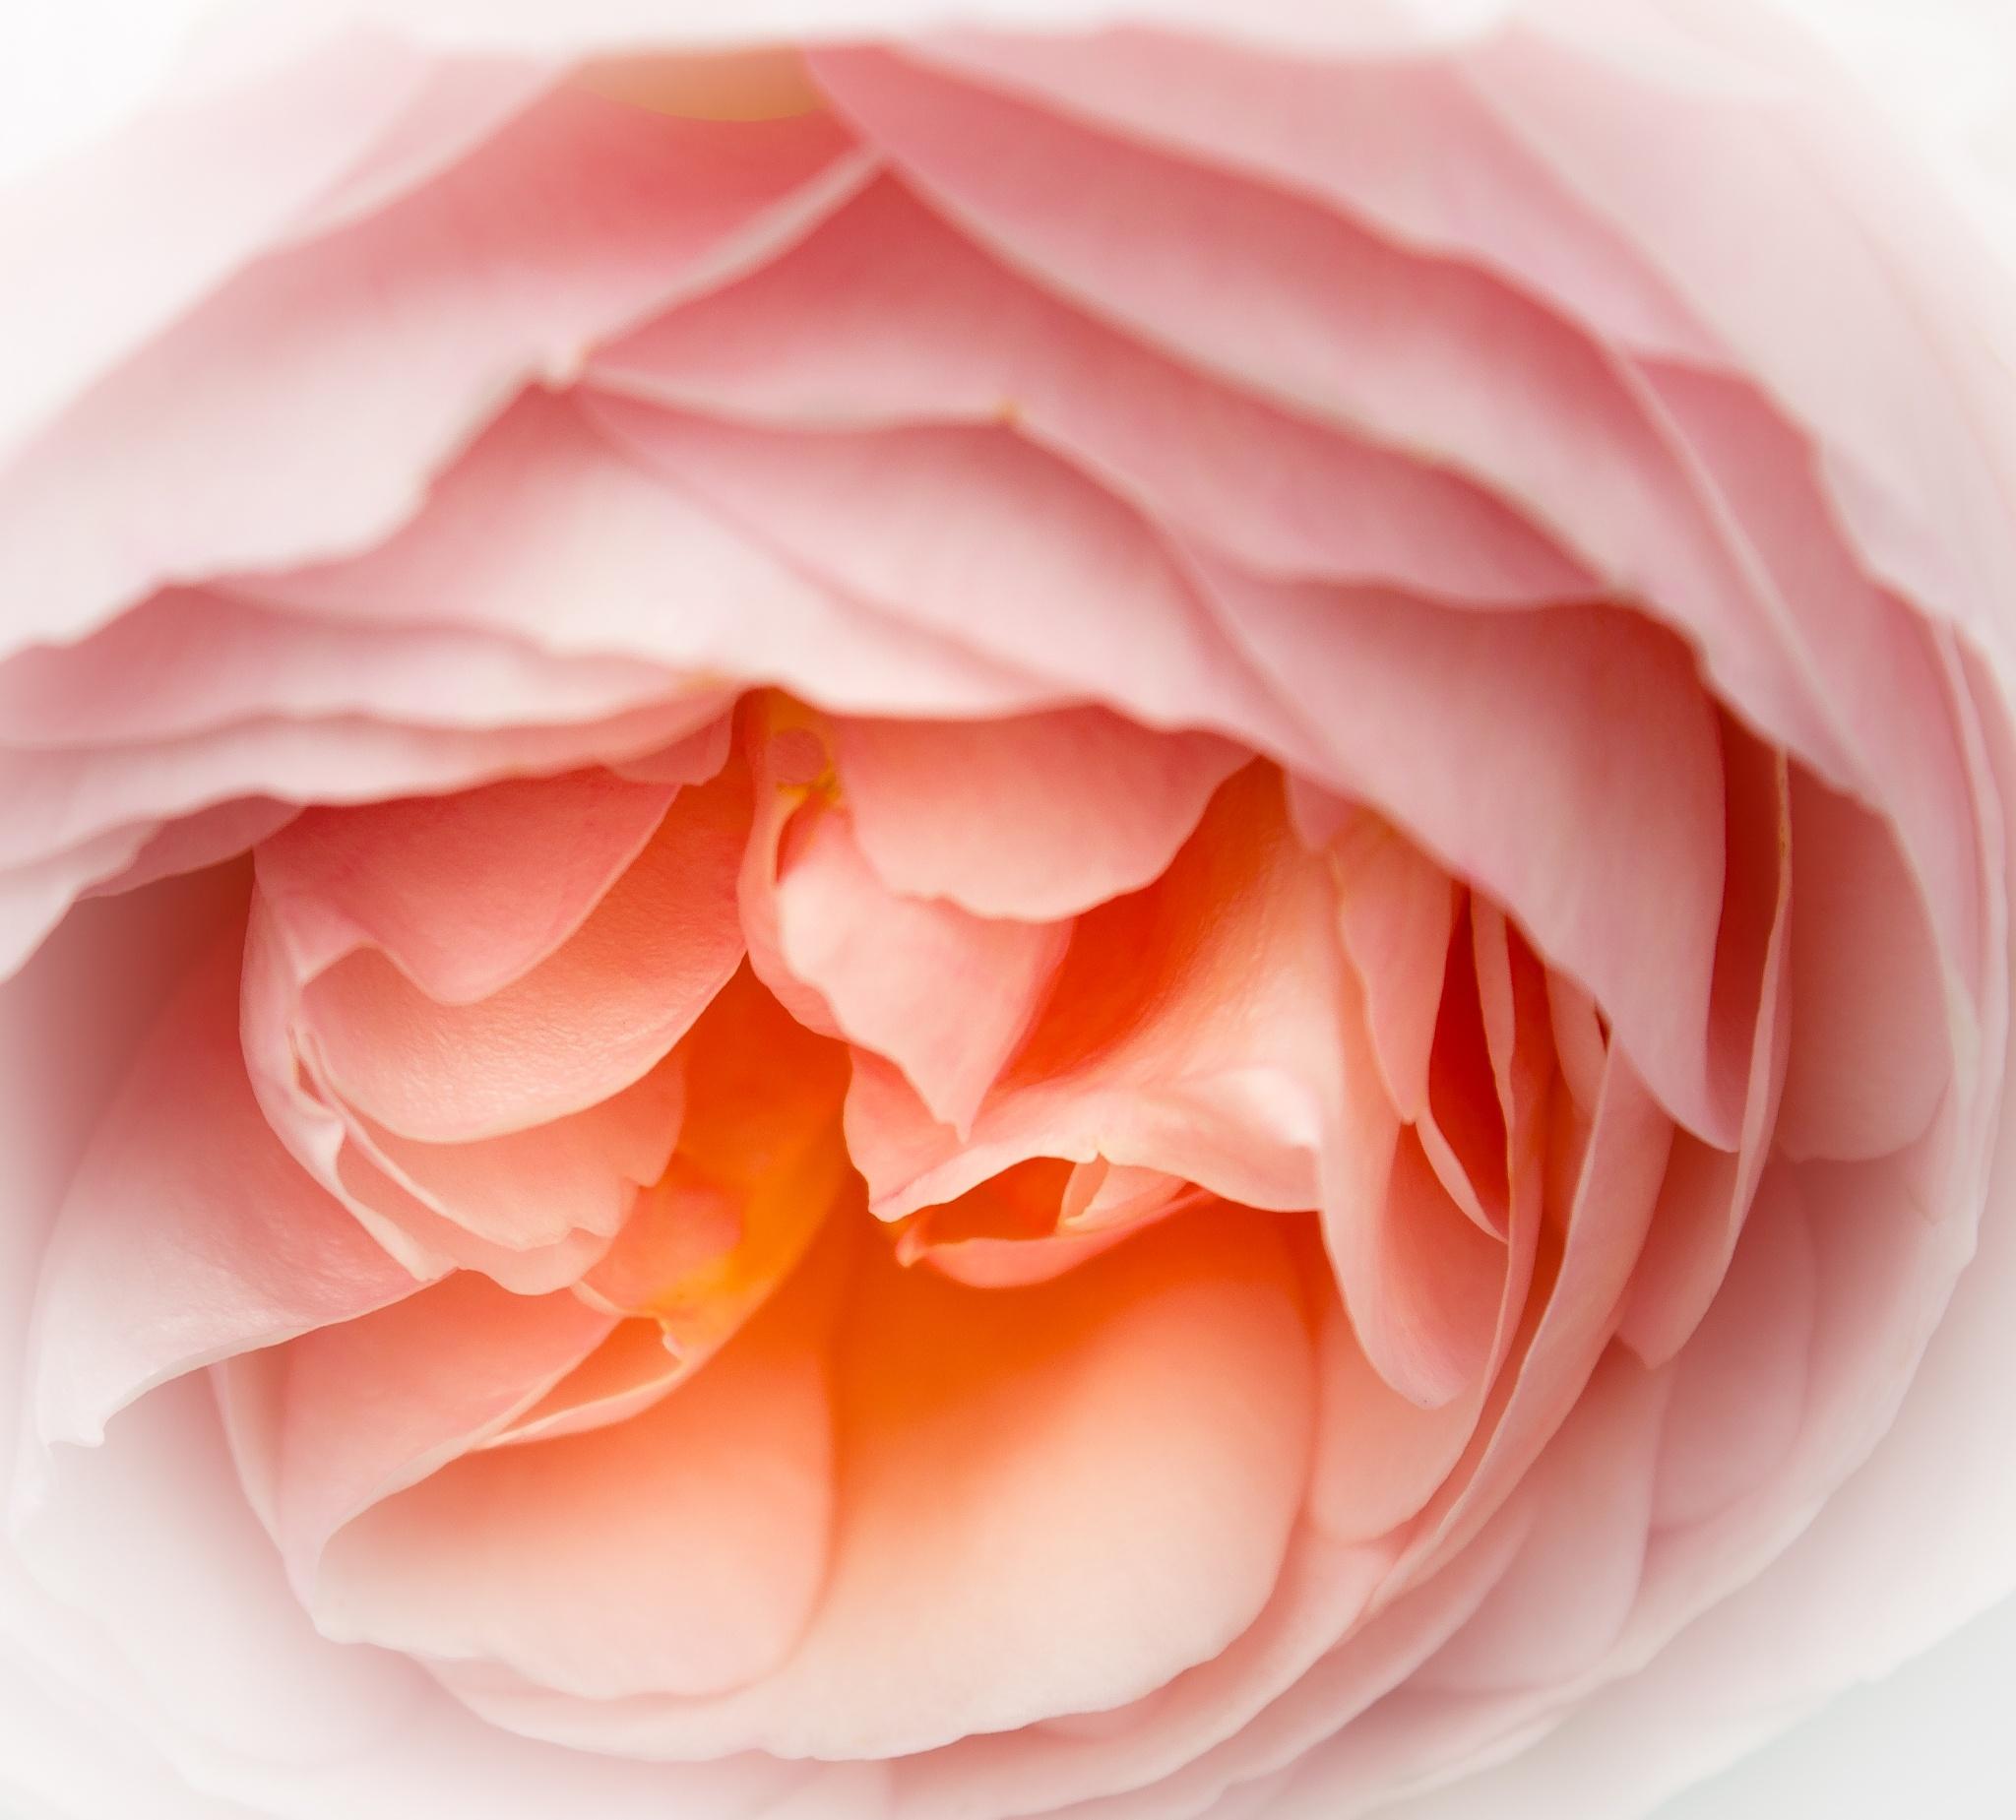 rose by andre.belg